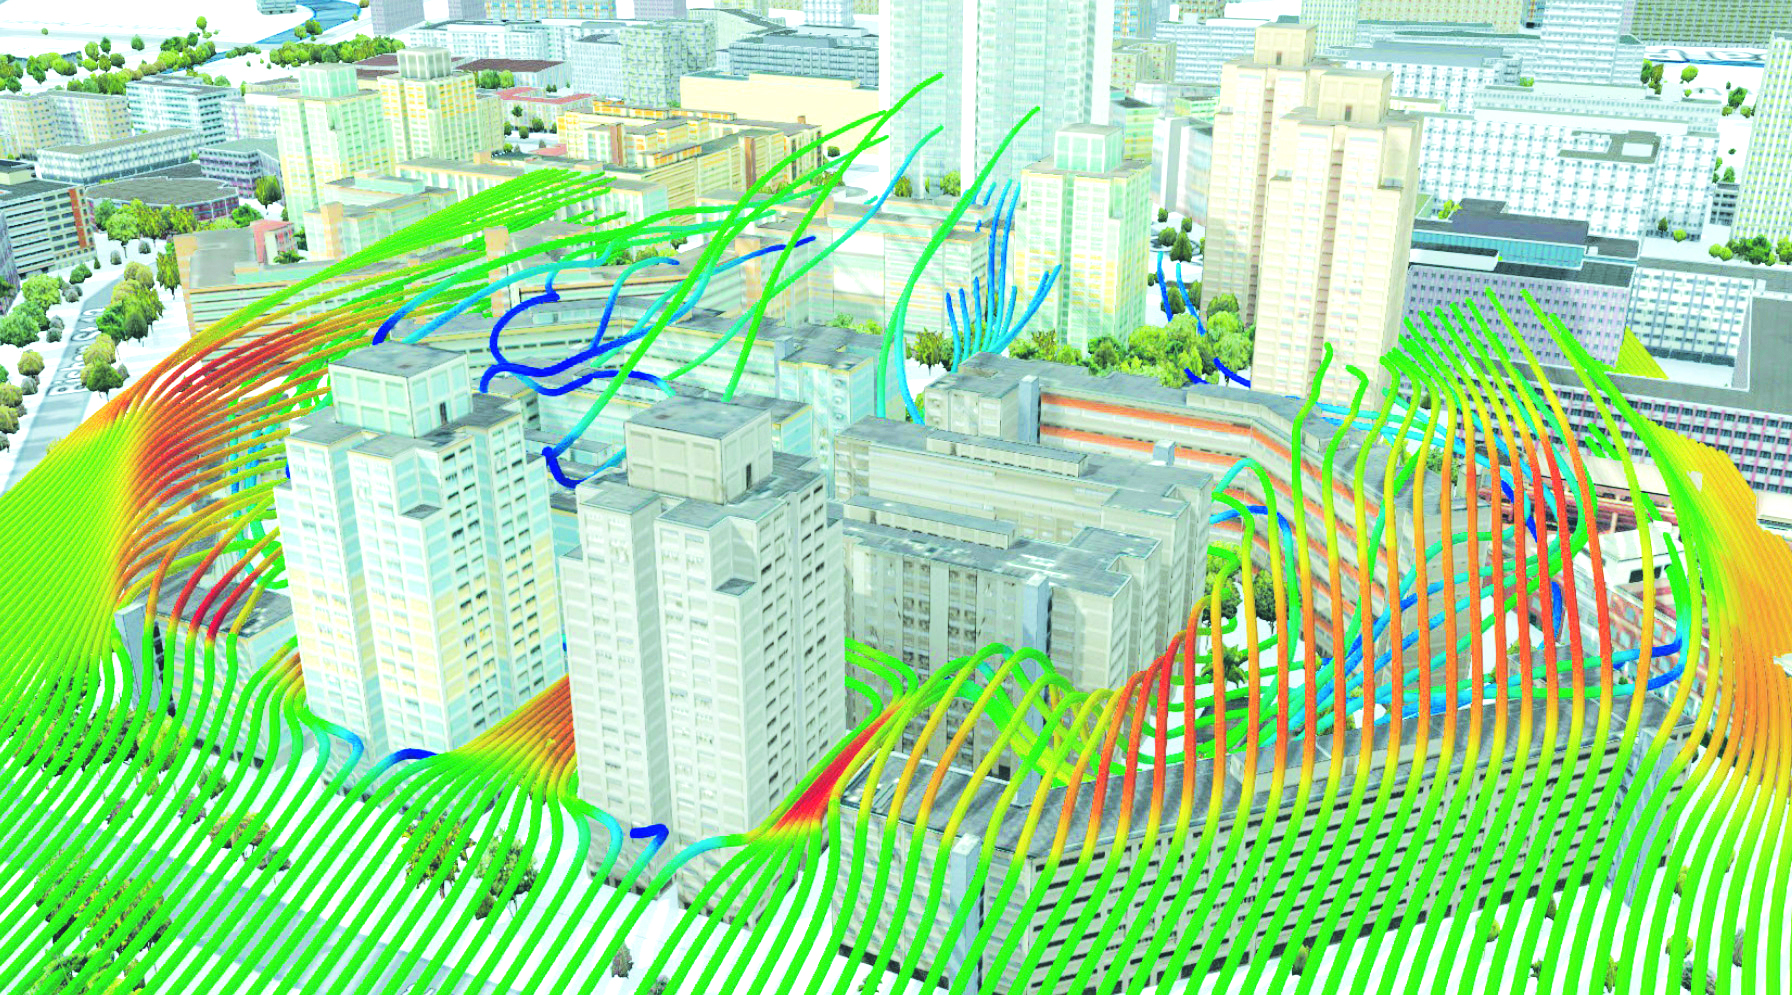 Ứng dụng công nghệ mô phỏng  3D tính toán năng lượng gió  trong quy hoạch đô thị và thiết kế kiến trúc công trình tại Hoa Kỳ